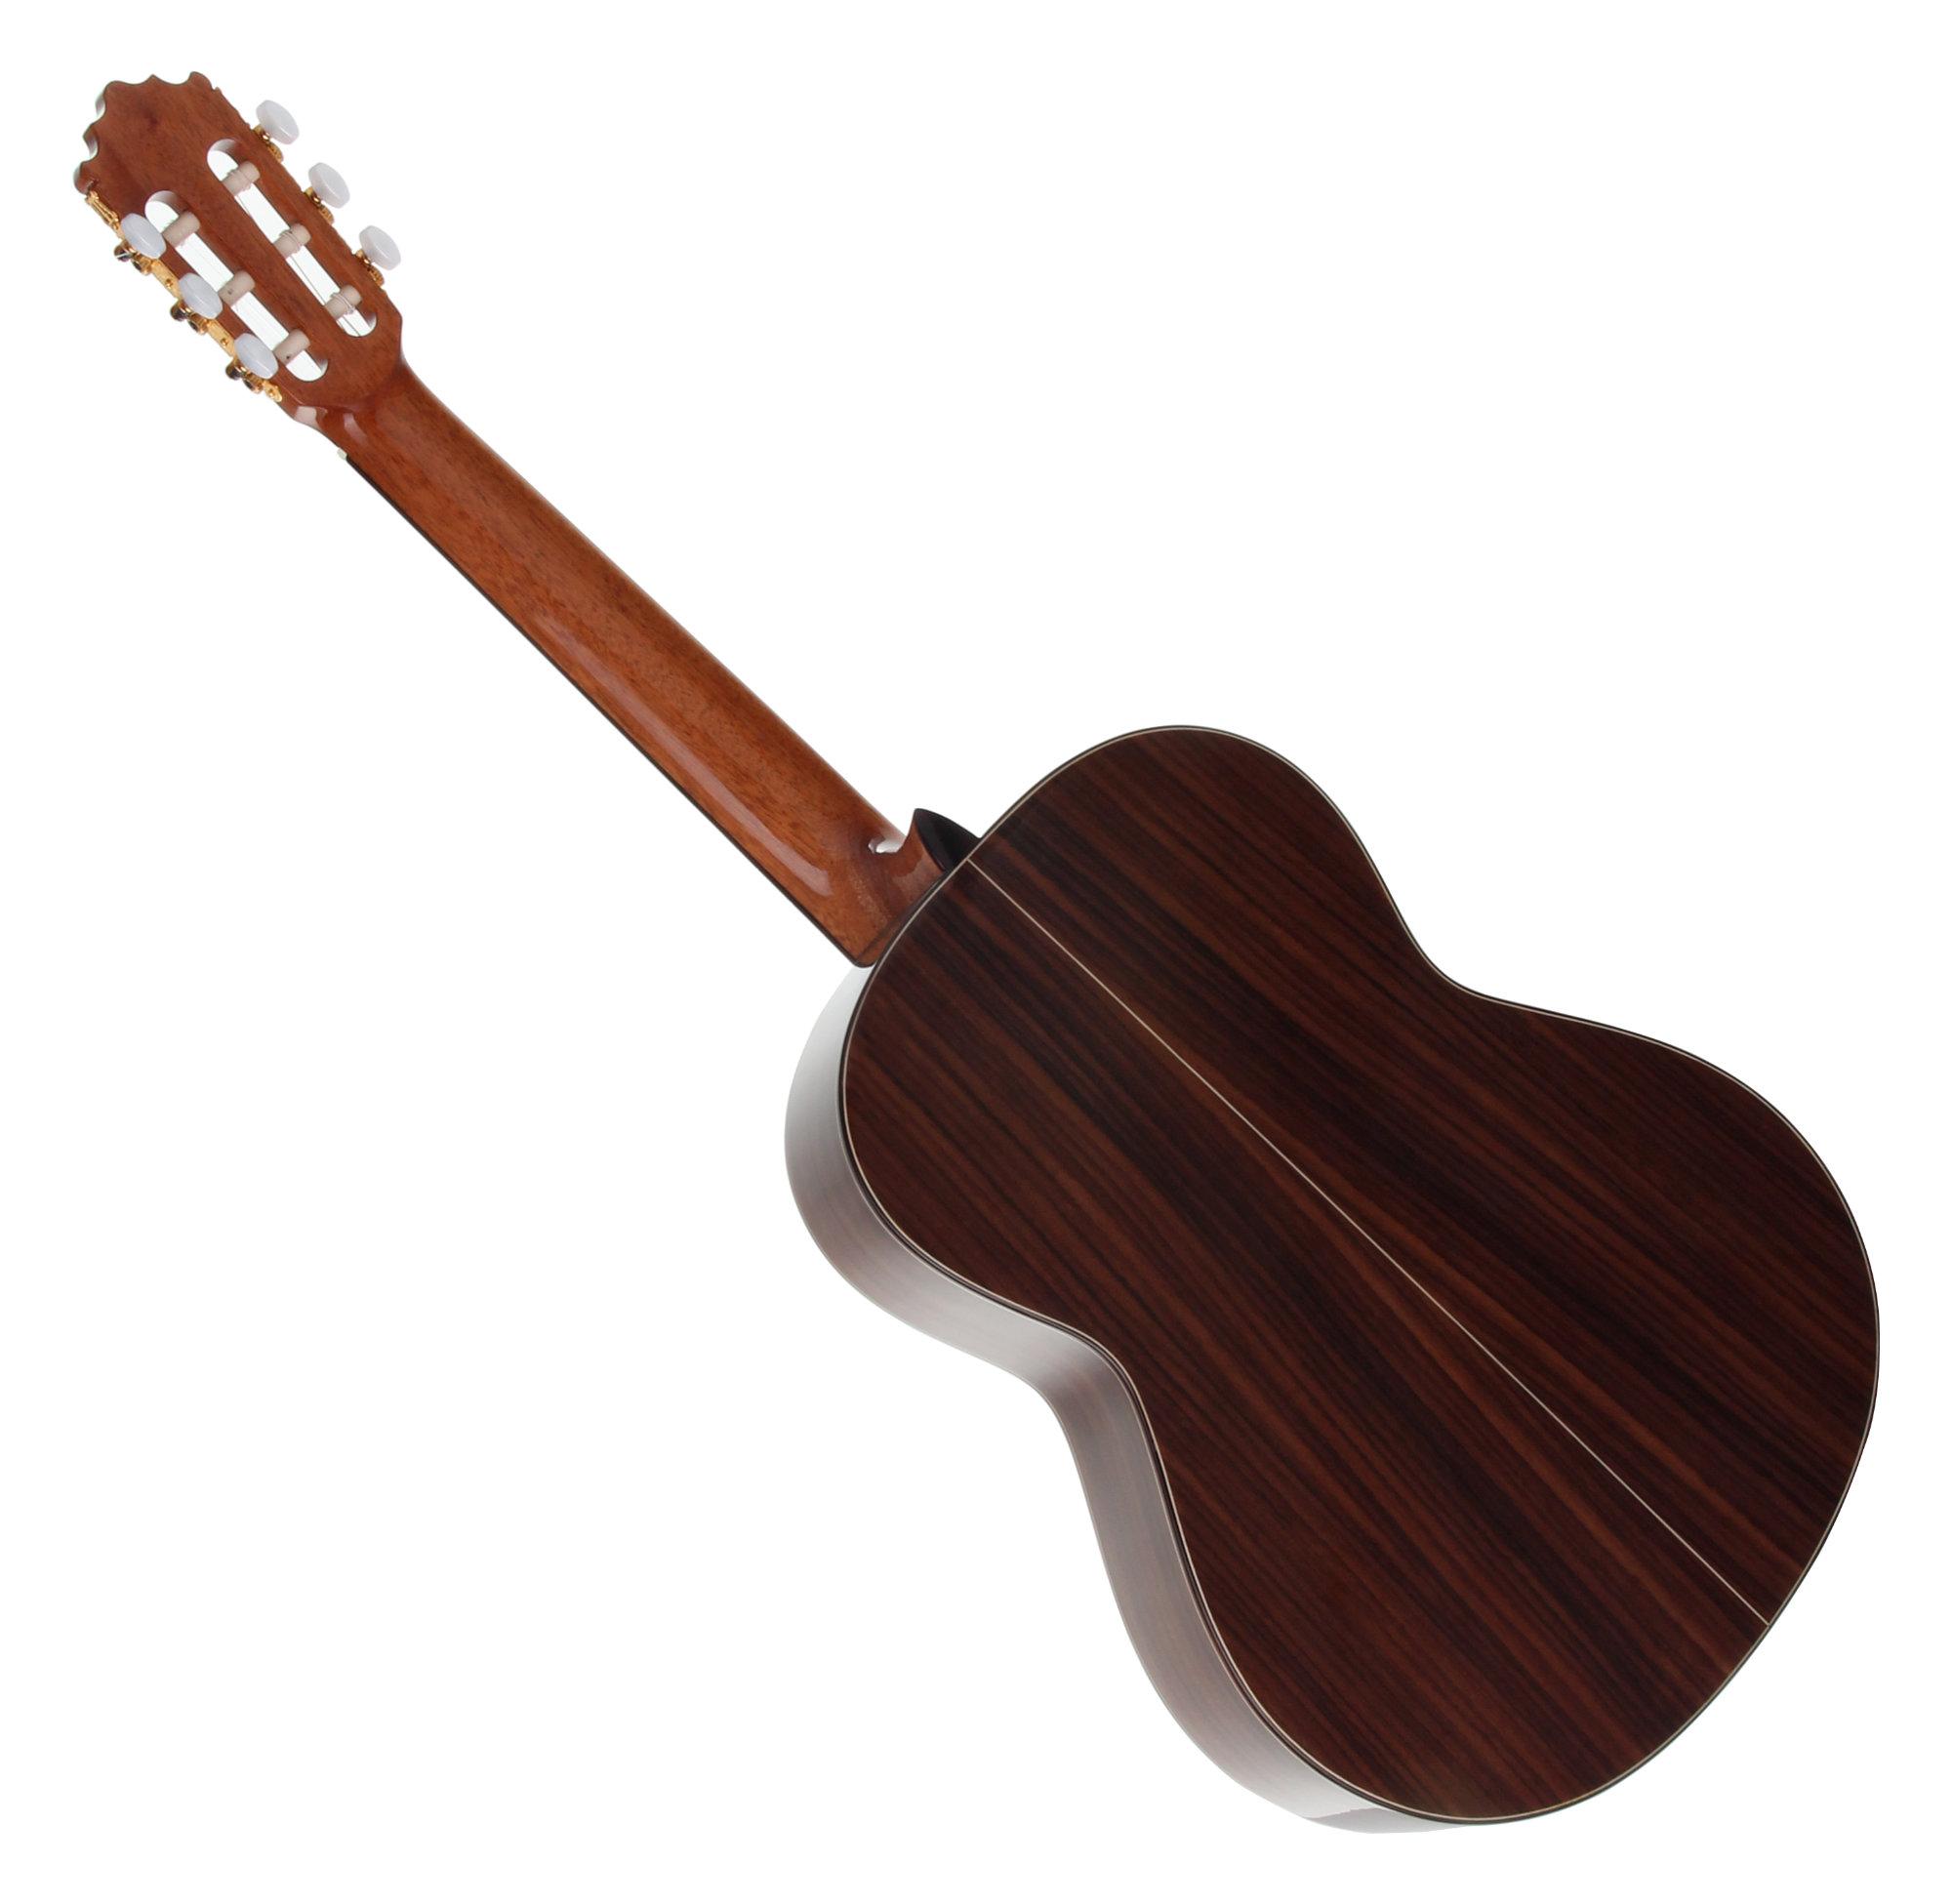 satz Akustische Folk Gitarre Saiten Musikinstrument Teile Feinste 12 teile